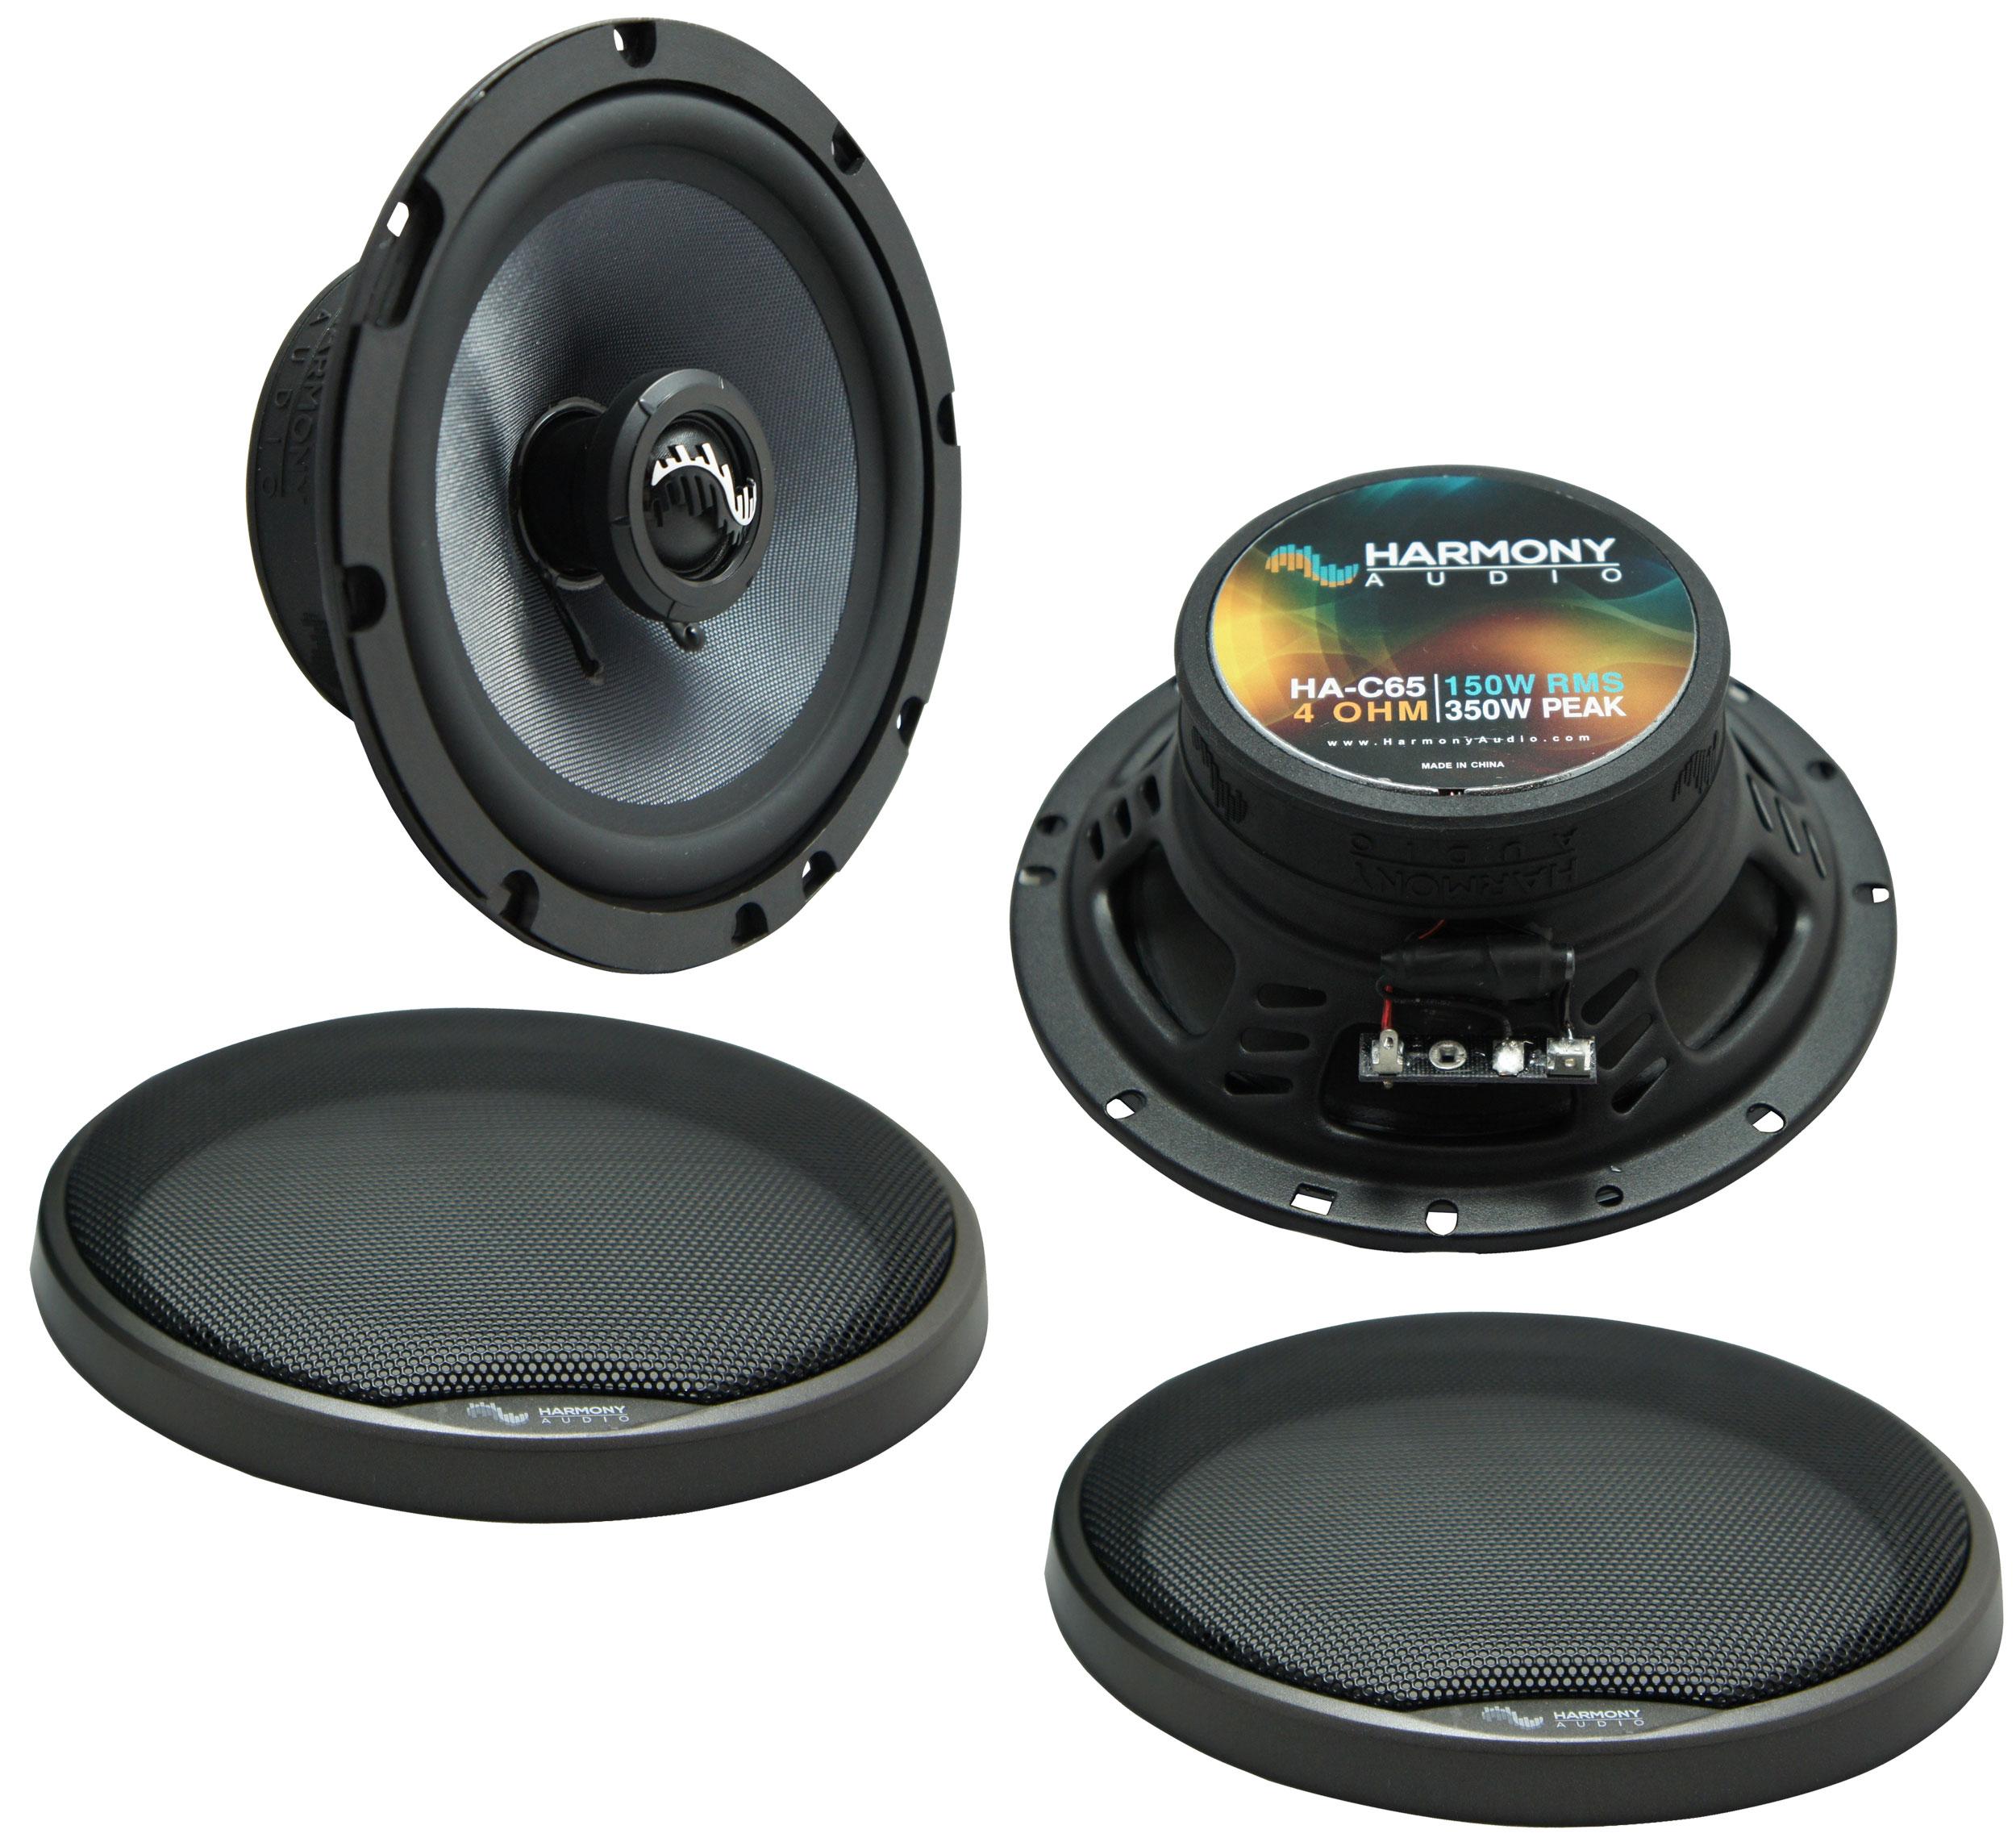 Fits Hummer H2 2008-2009 Rear Door Replacement Speaker Harmony HA-C65 Premium Speakers